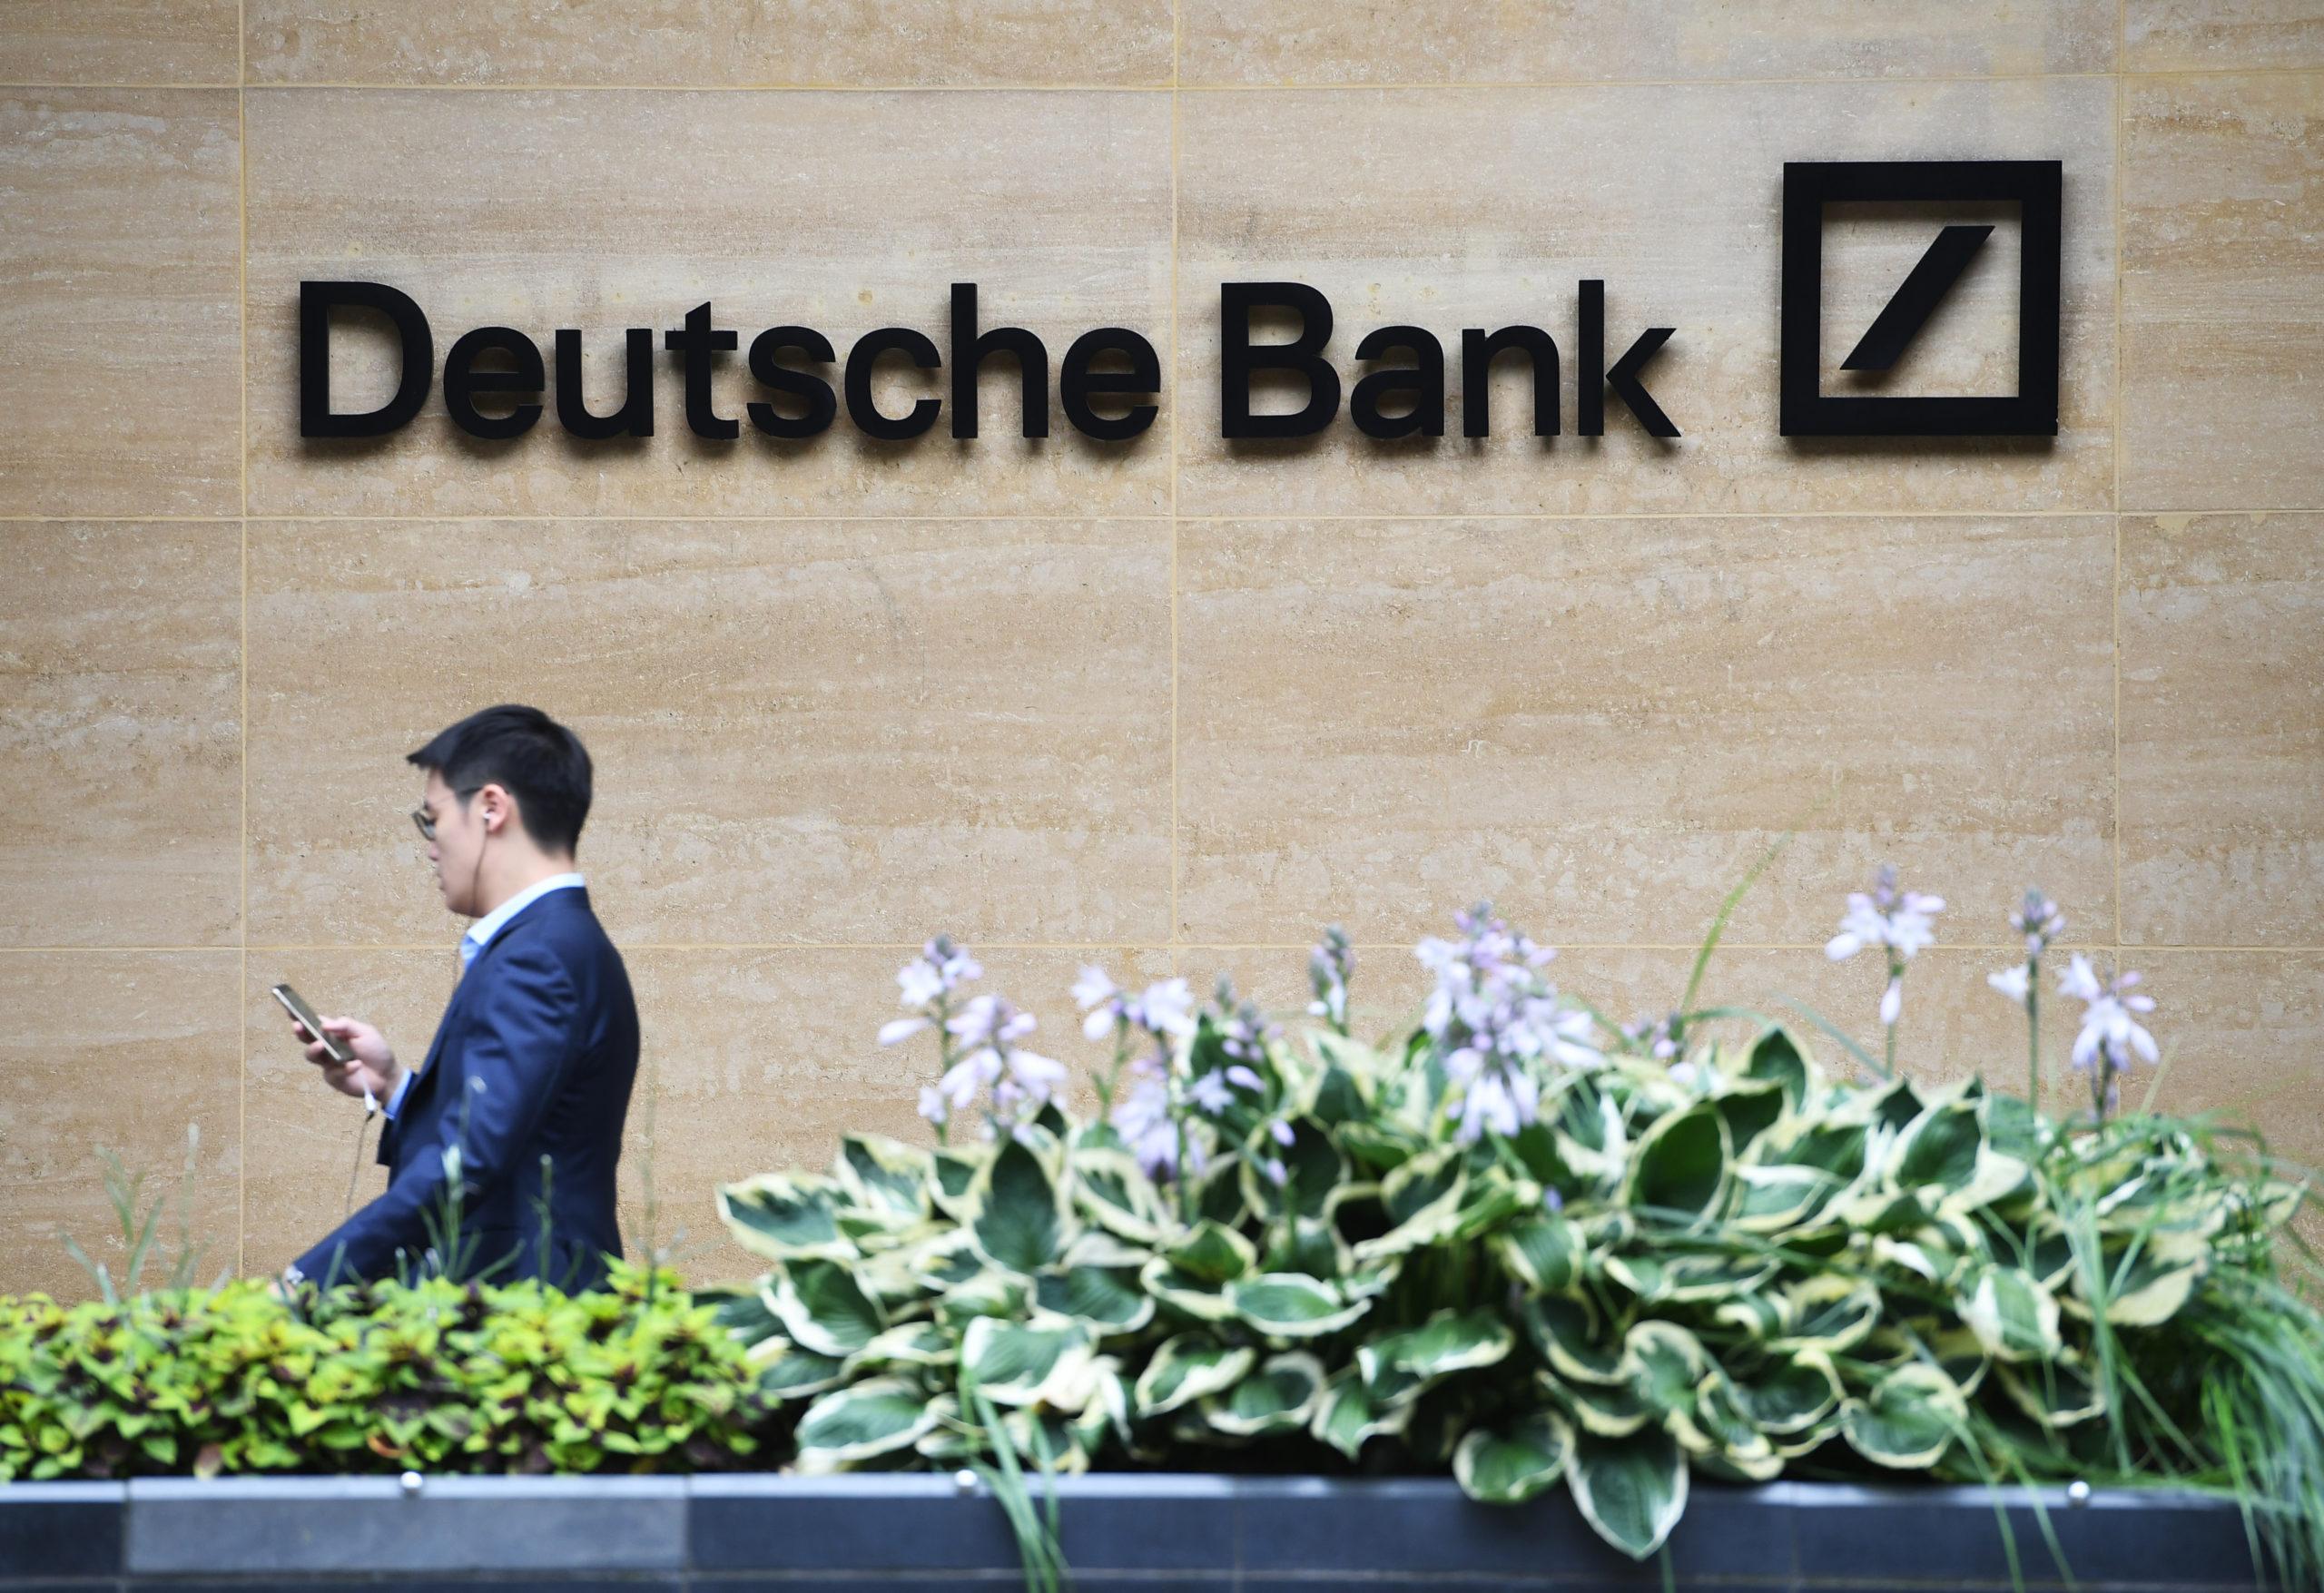 Le Covid-19 sera-t-il fatal au secteur bancaire européen ?